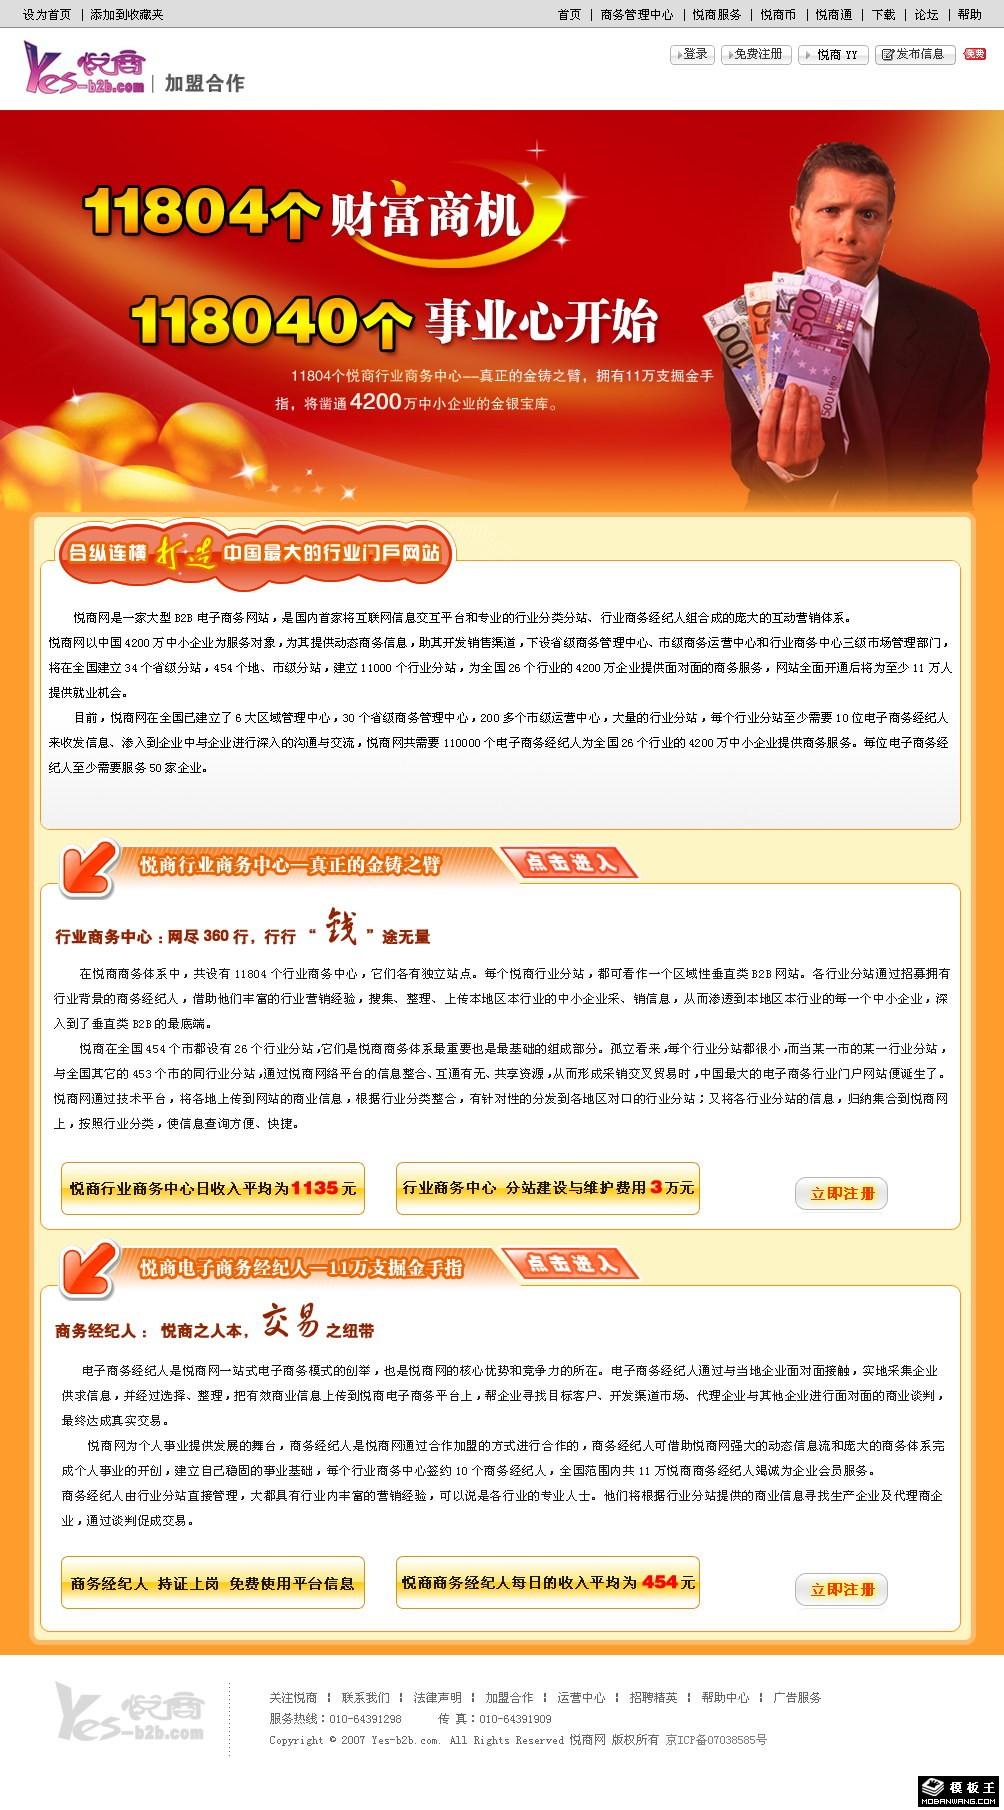 悦商网行业分站专题页面设计源文件__中文模版_网页模板_源文件库_昵